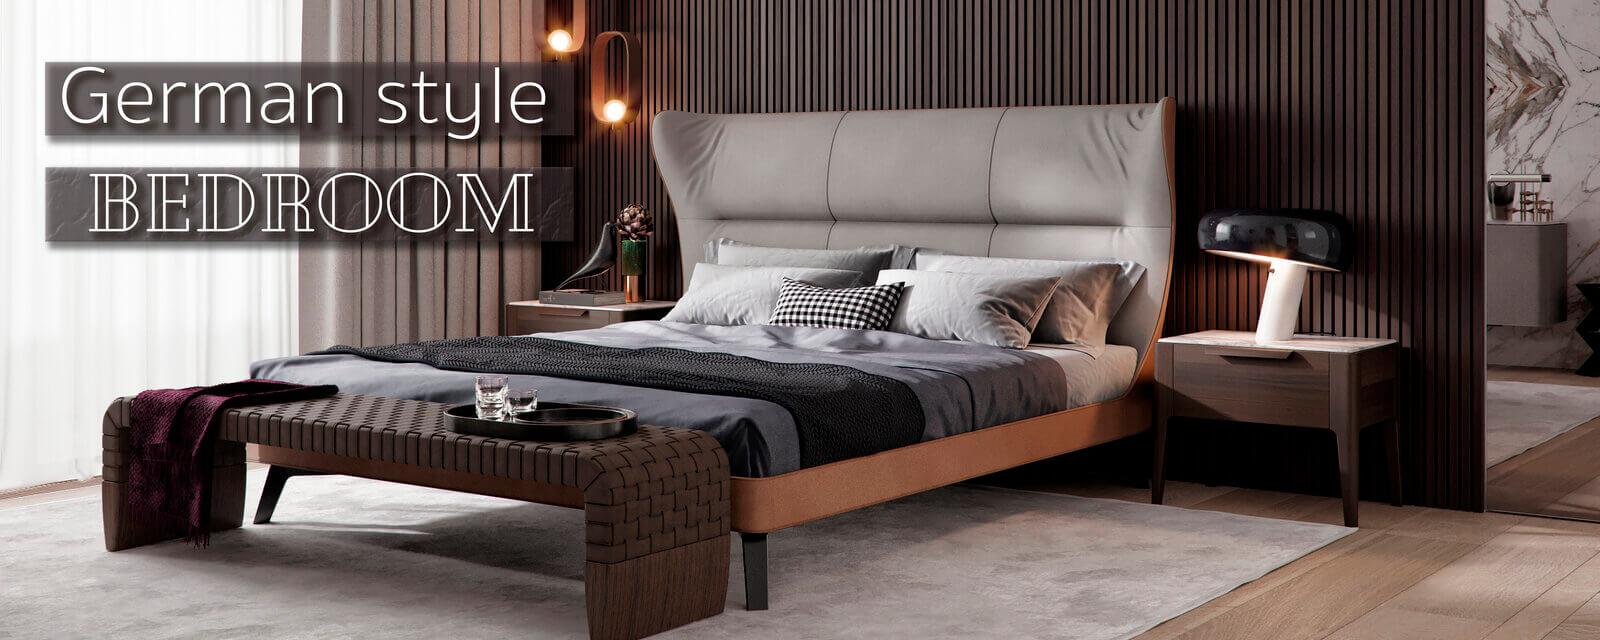 German Style | Bedroom